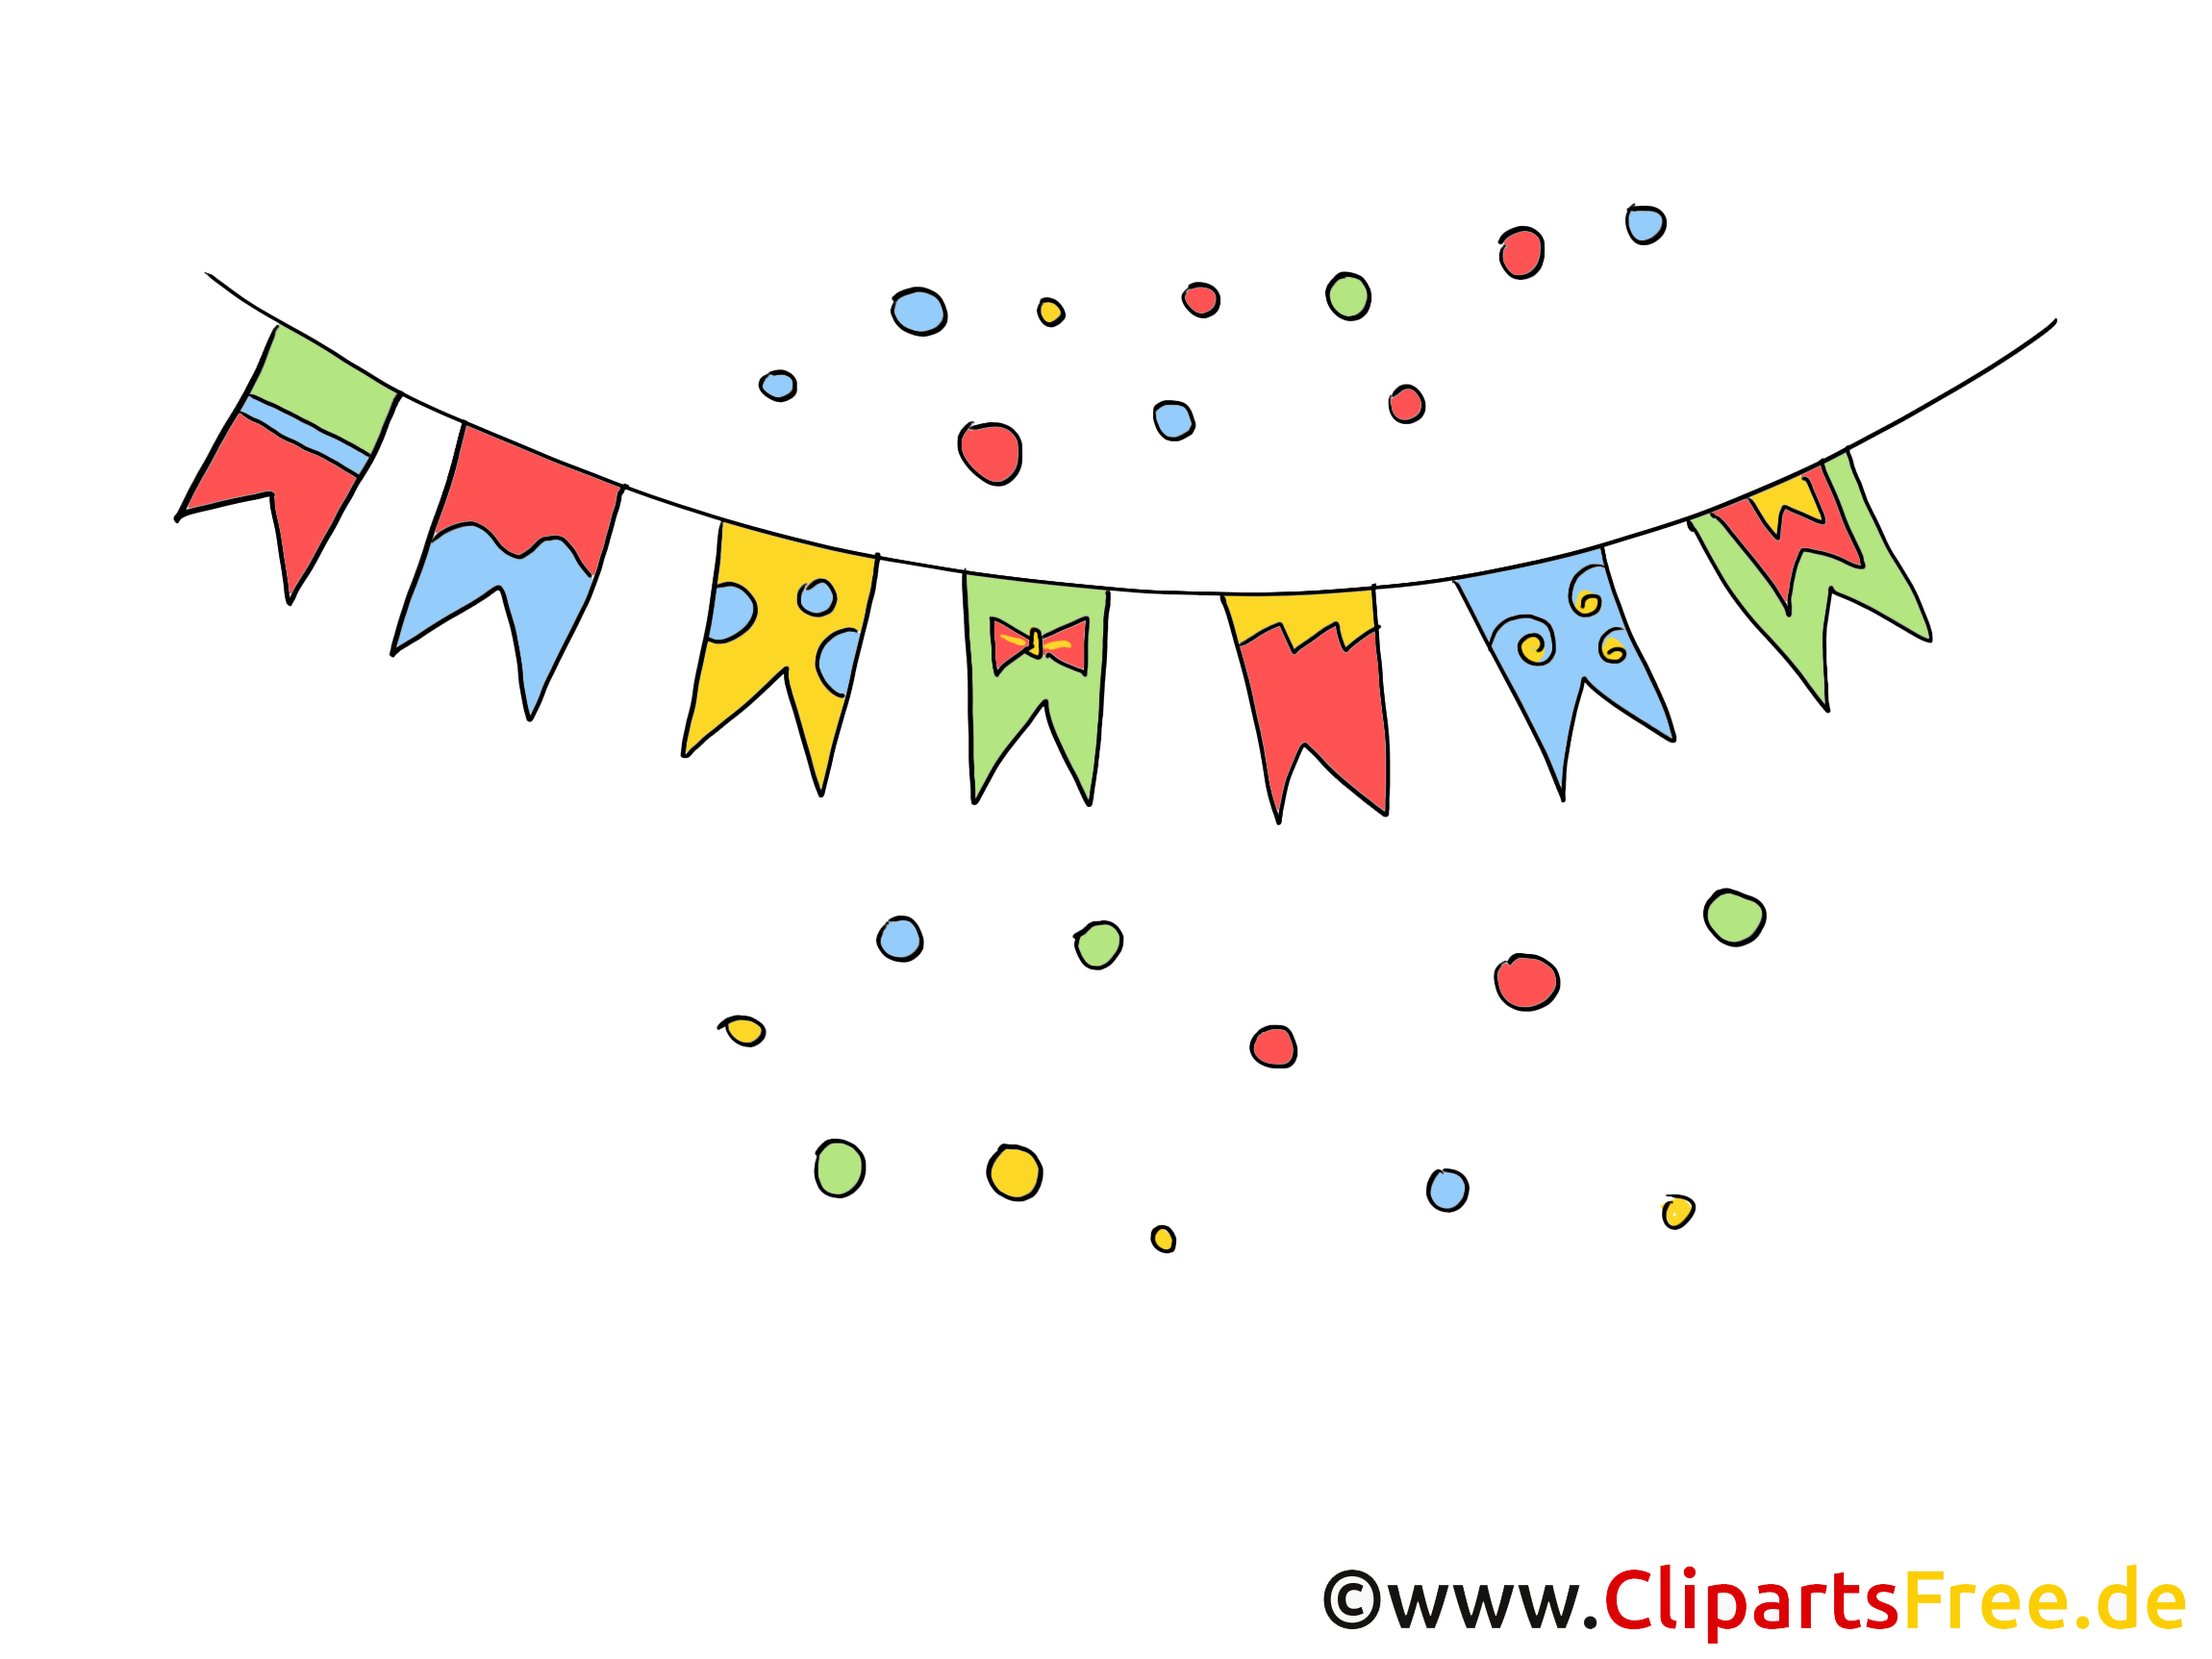 Ücretsiz parti Clipart, Resimler, Resimler